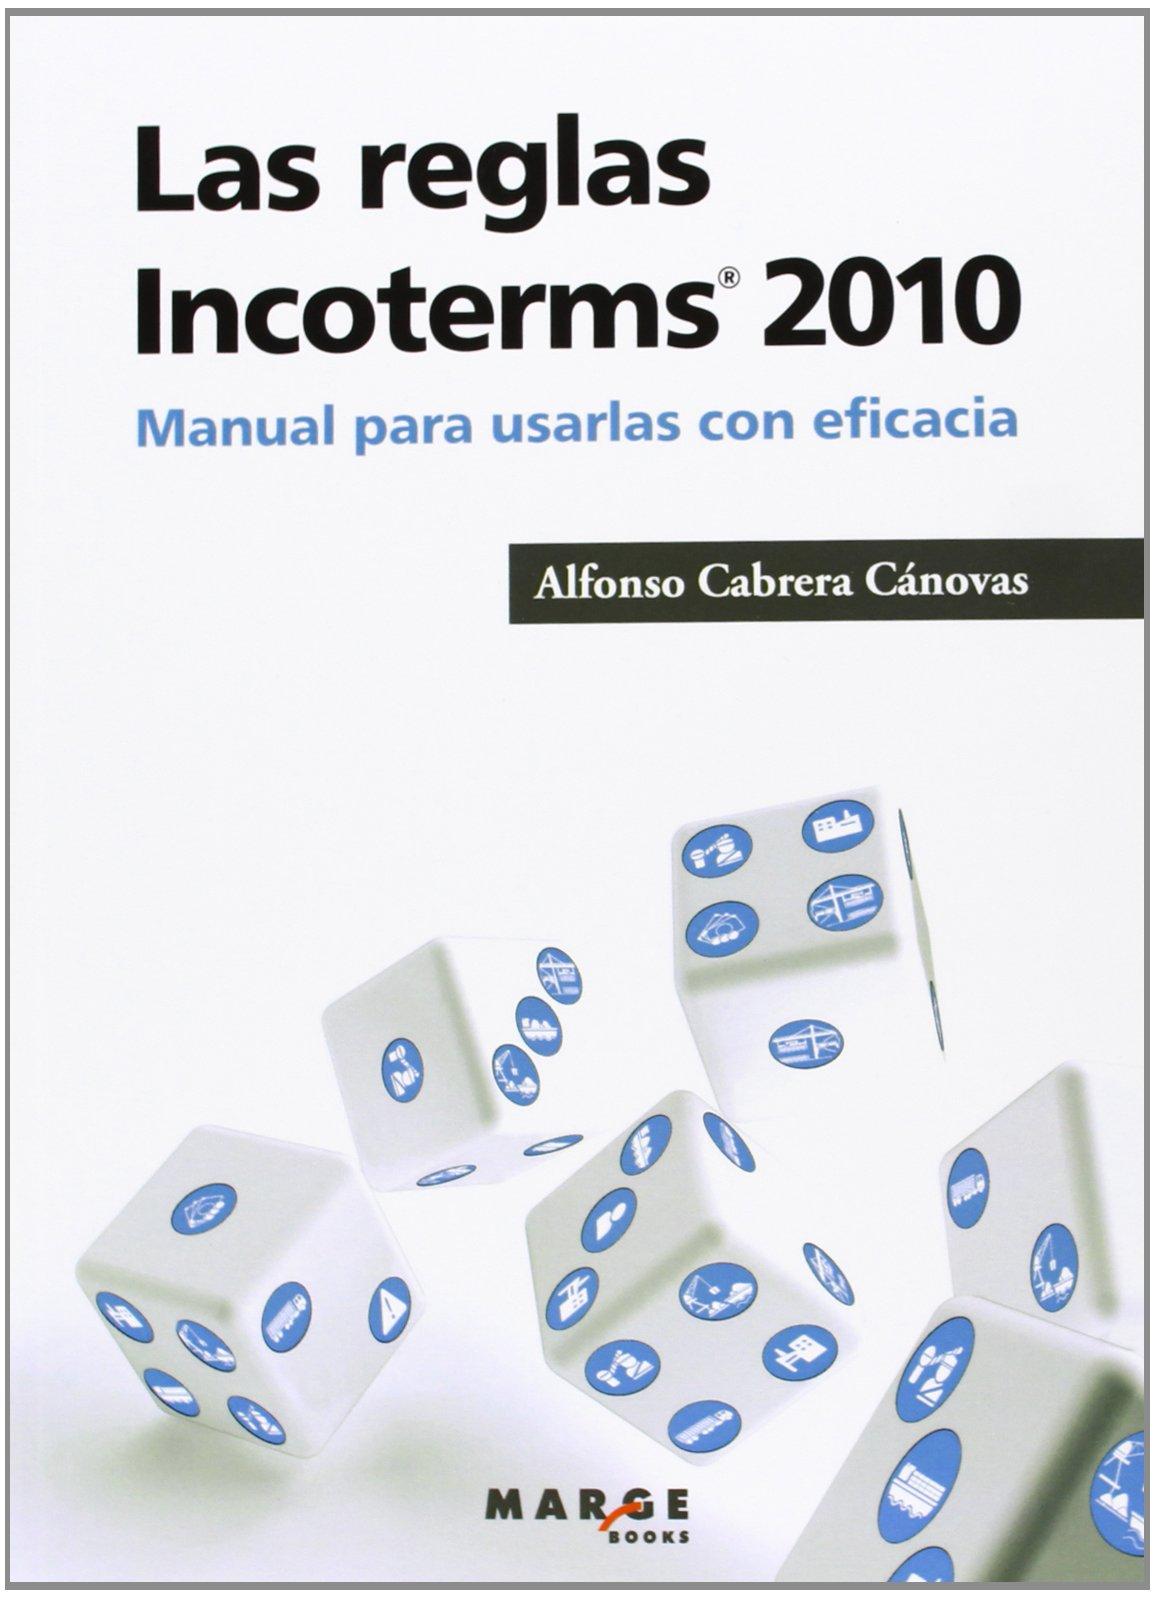 Las reglas Incoterms 2010®: Manual para usarlas con eficacia (Gestiona) Tapa blanda – 5 jul 2013 Alfonso Cabrera Cánovas Marge Books 8415340761 Commercial law